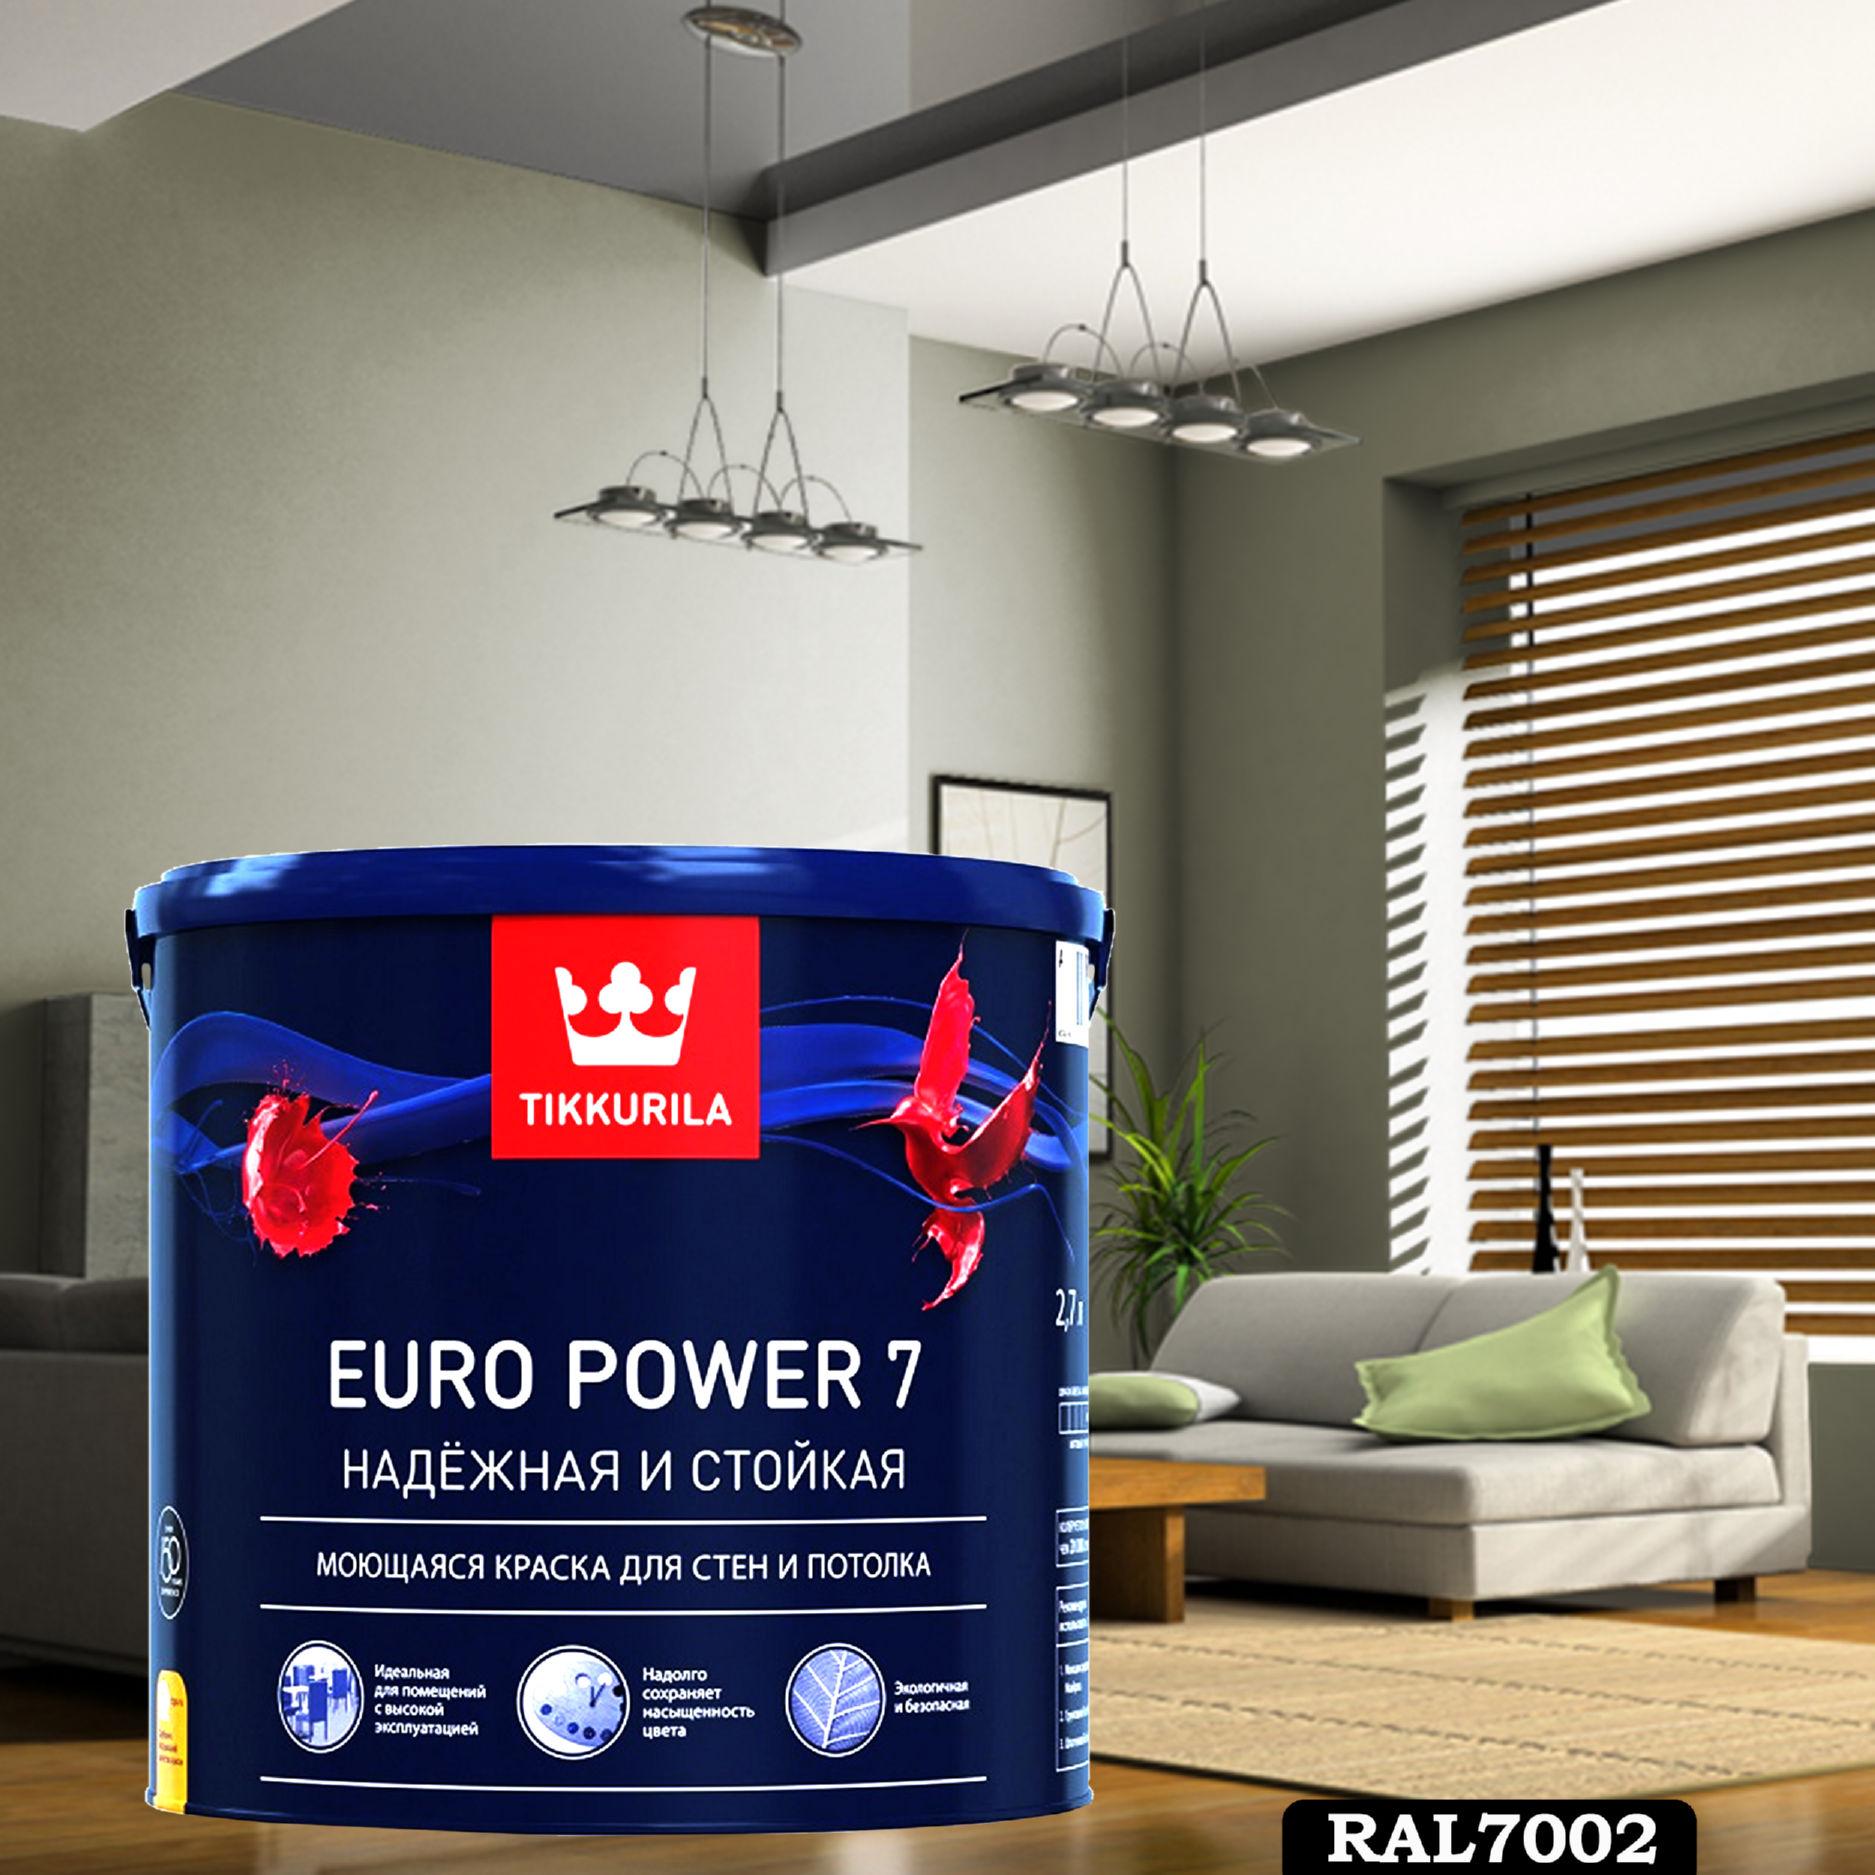 Фото 3 - Краска TIKKURILA Euro Power 7,  RAL 7002 Оливково-серый, латексная моющаяся матовая интерьерная, 9 л.